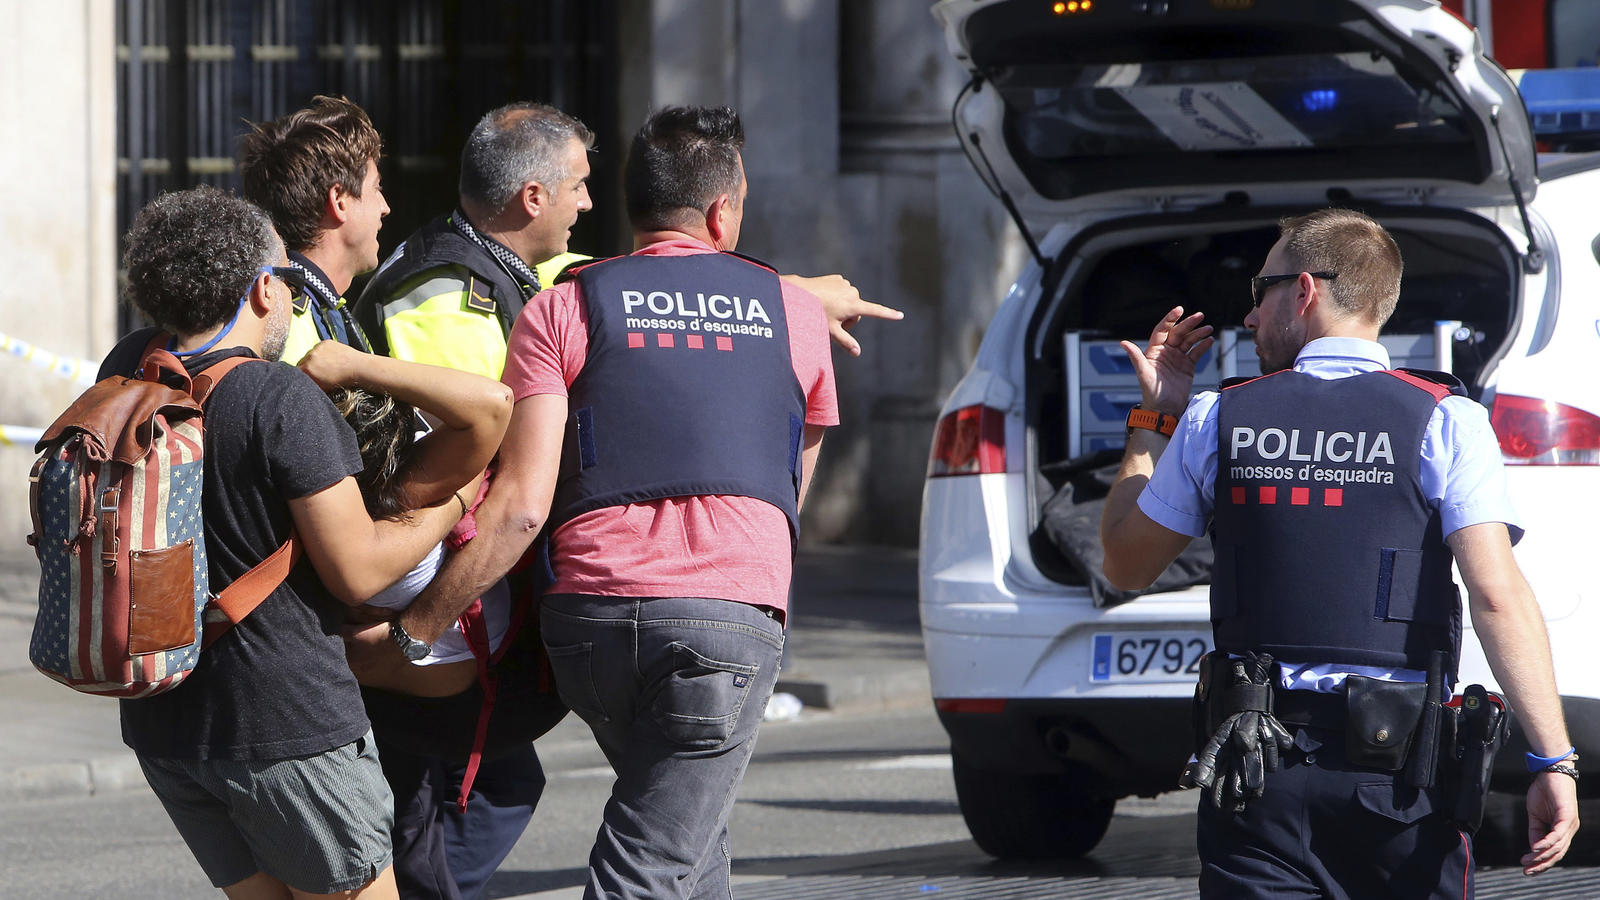 Barcelona eine verletzte Frau über die Straße. Auf der Flaniermeile Las Ramblas ist ein Lieferwagen in eine Menschenmenge gerast. Es hat Tote und Verletzte gegeben. Die Polizei bestätigte inz